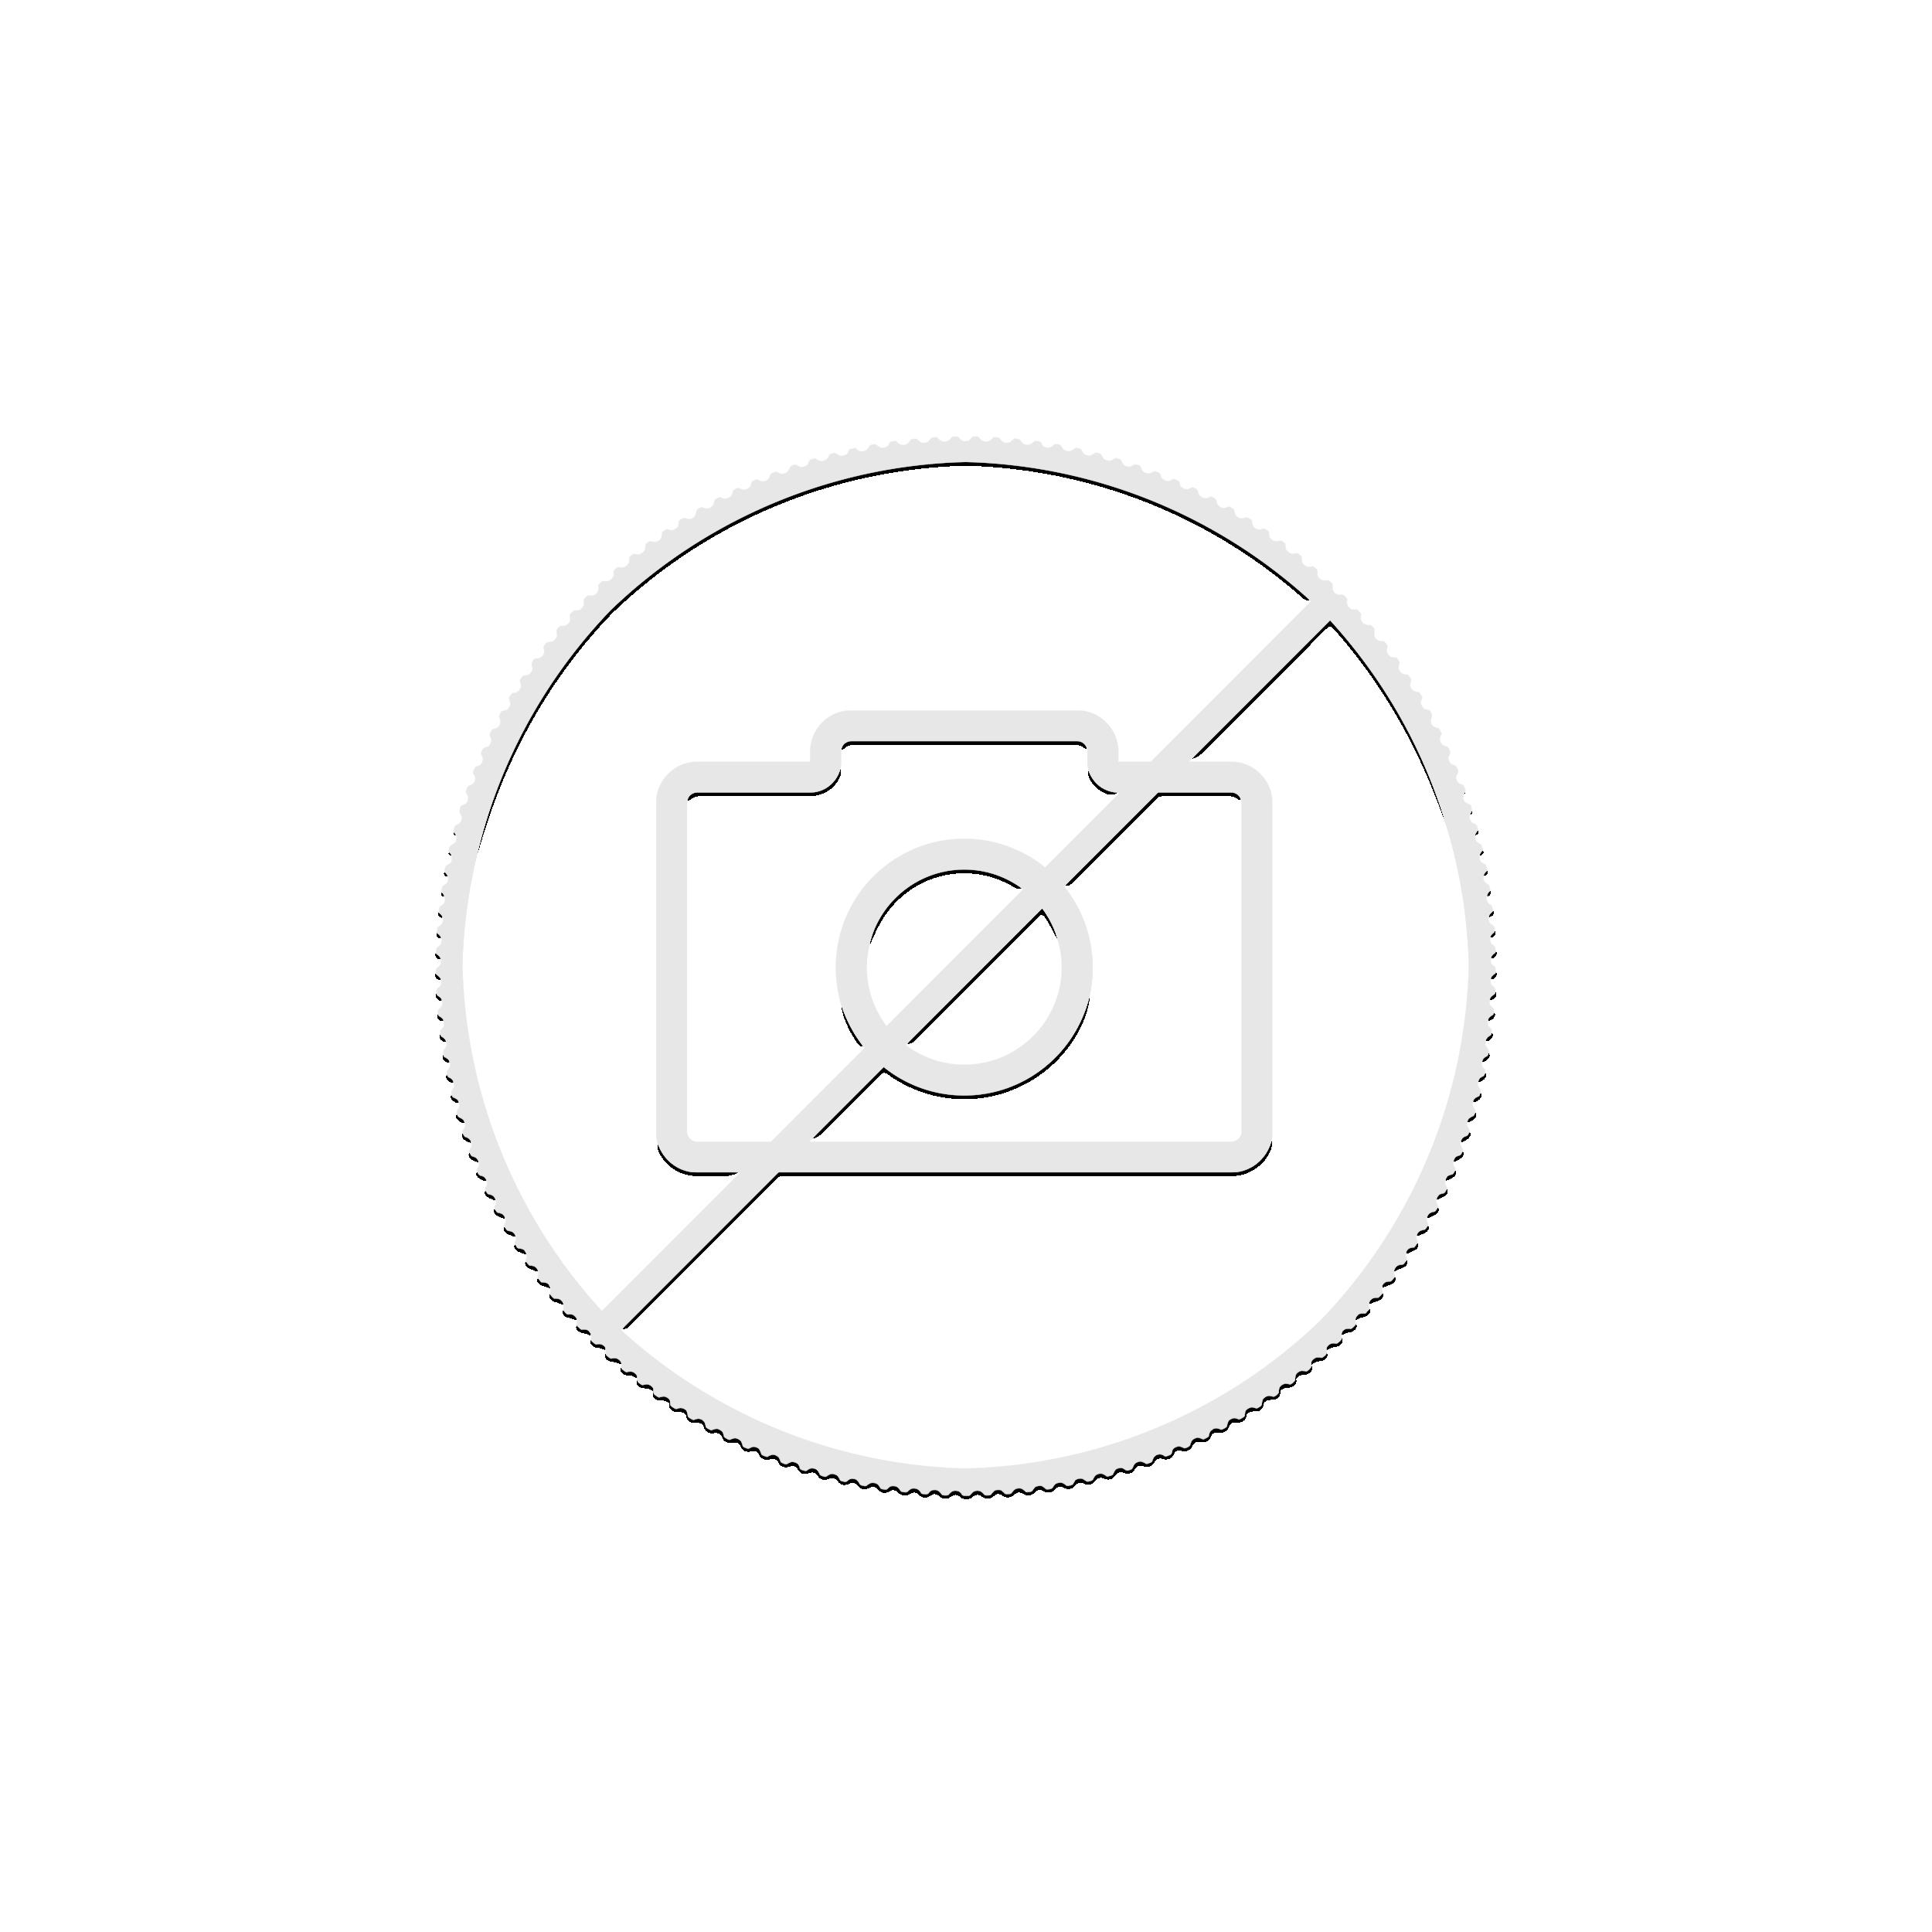 gouden munt mythen en legendes dragon 2021 Proof